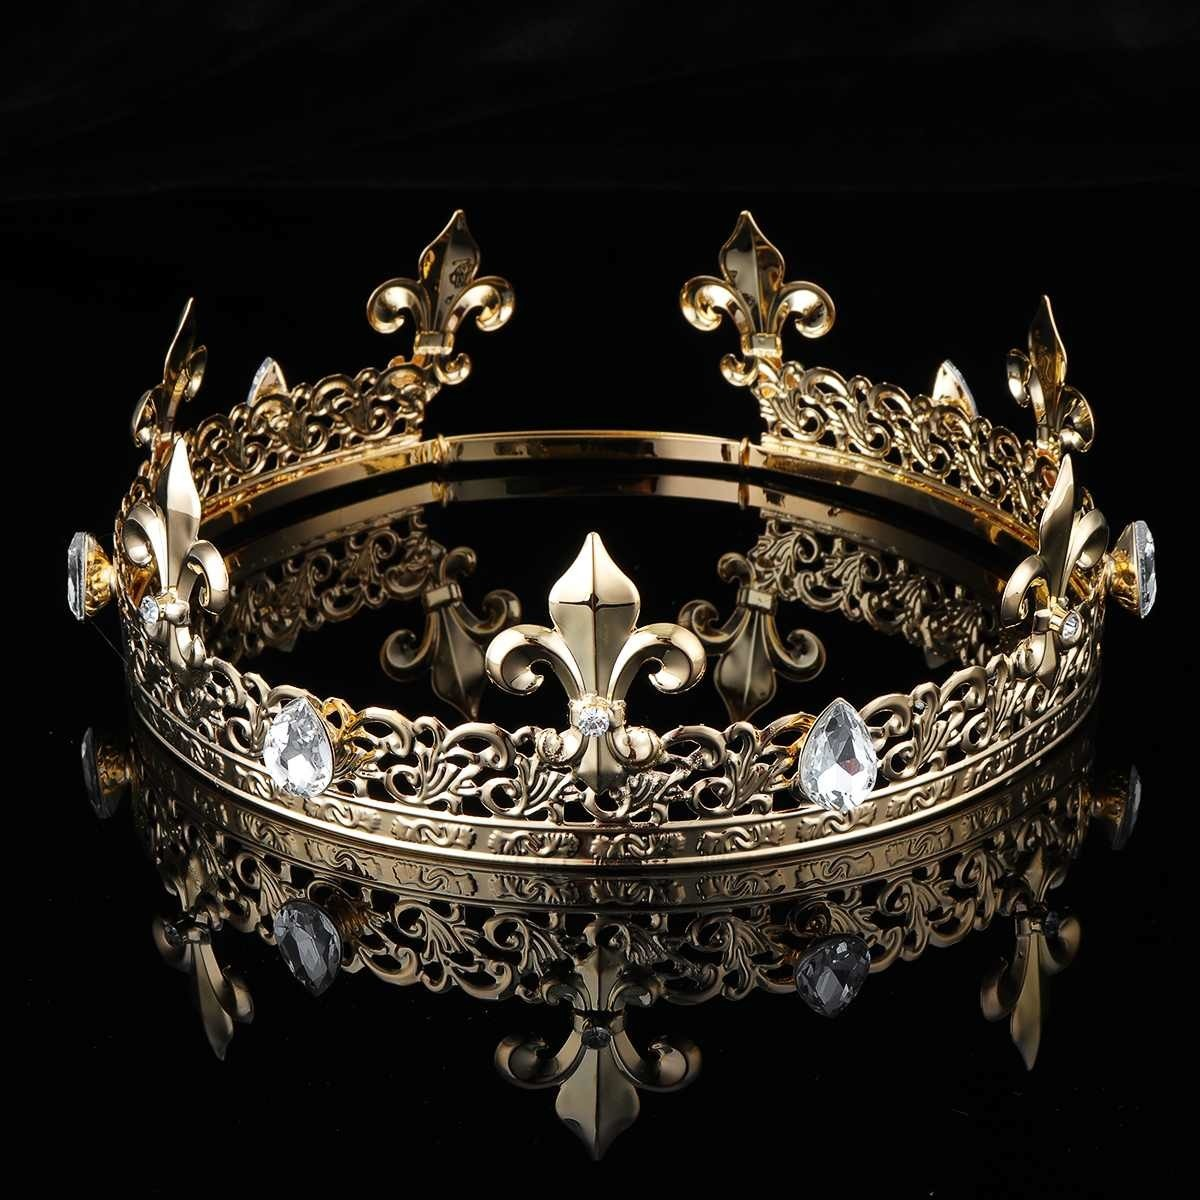 Uomo imperiale medievale re d'oro corona rotonda completa diadema di cristallo strass regolabile Fleur De Lis Decor costumi da festa Diadem C19022201